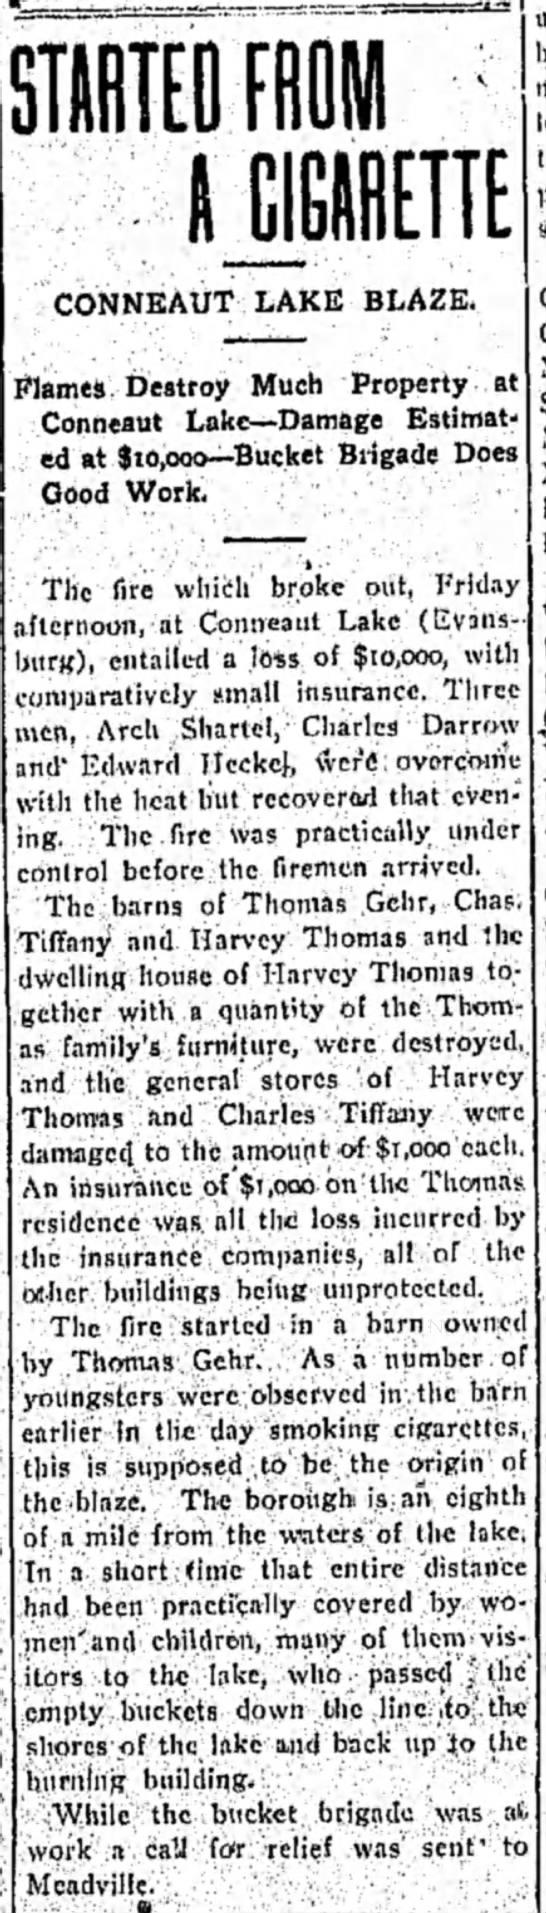 Record Argus 7/14/1906 - CONNEAUT LAKE BLAZE. Flames Destroy Much...